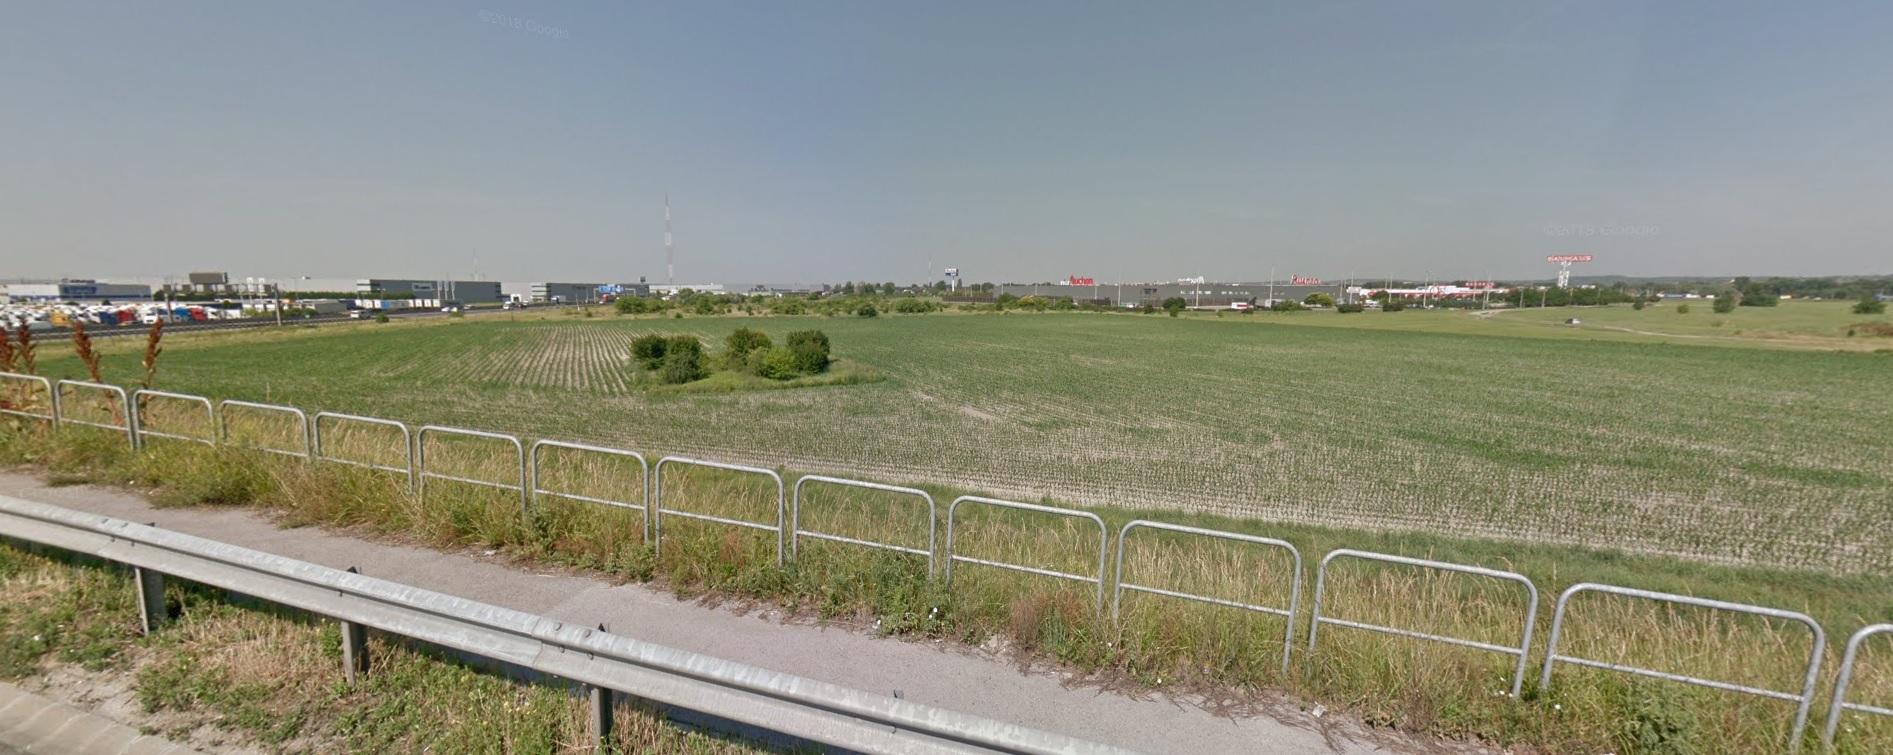 Épp ott vannak a polgármester földjei Szigetszentmiklóson, ahol az új ipari park lesz